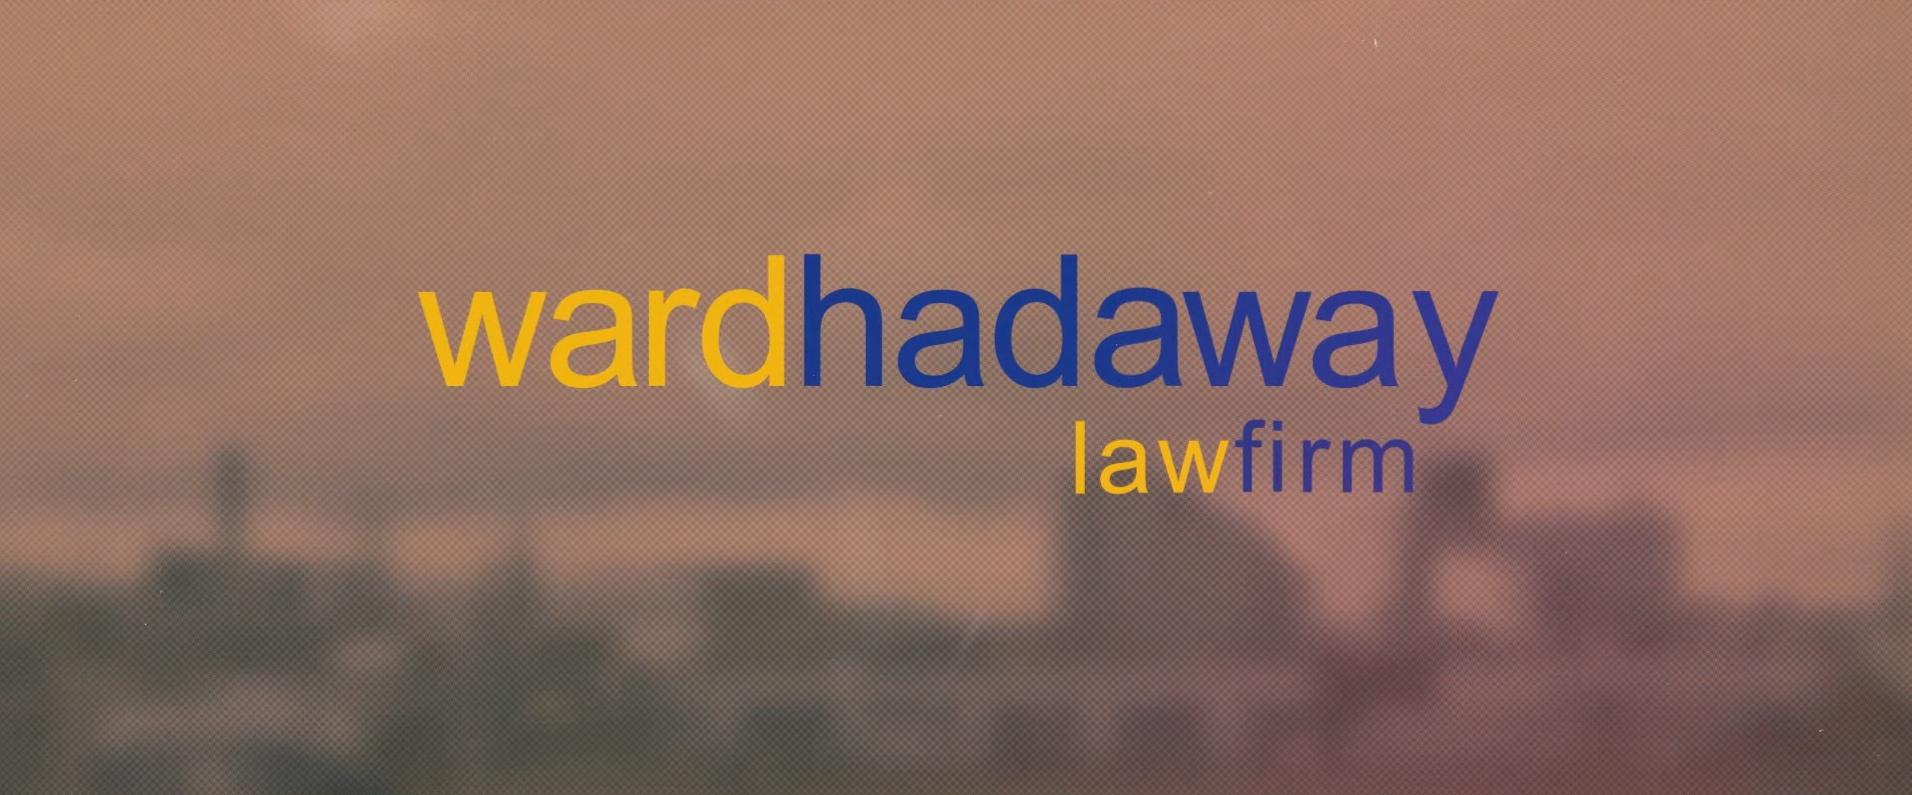 Wardhadaway